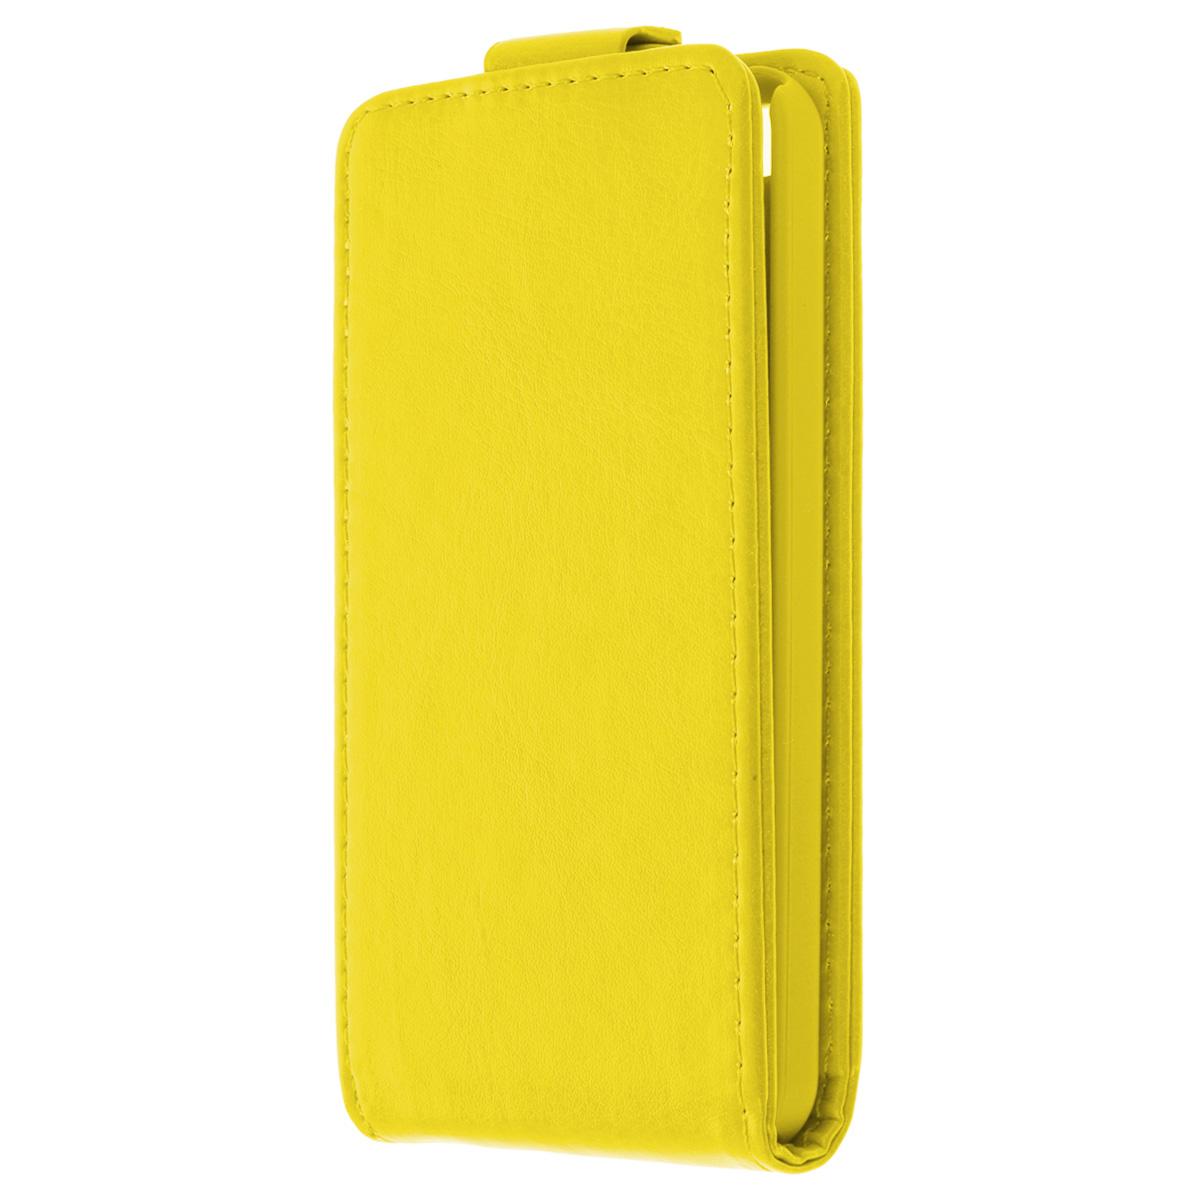 Skinbox Flip Case чехол для iPhone 5c, YellowT-F-iPhone5CФлип-кейс Skinbox для Apple iPhone 5c обеспечивает надежную защиту смартфона и надежно оберегает его от механических повреждений. Чехол выполнен из искусственной кожи высокого качества с приятной на ощупь текстурой, а форма открывает свободный доступ ко всем разъемам и элементам вашего устройства.